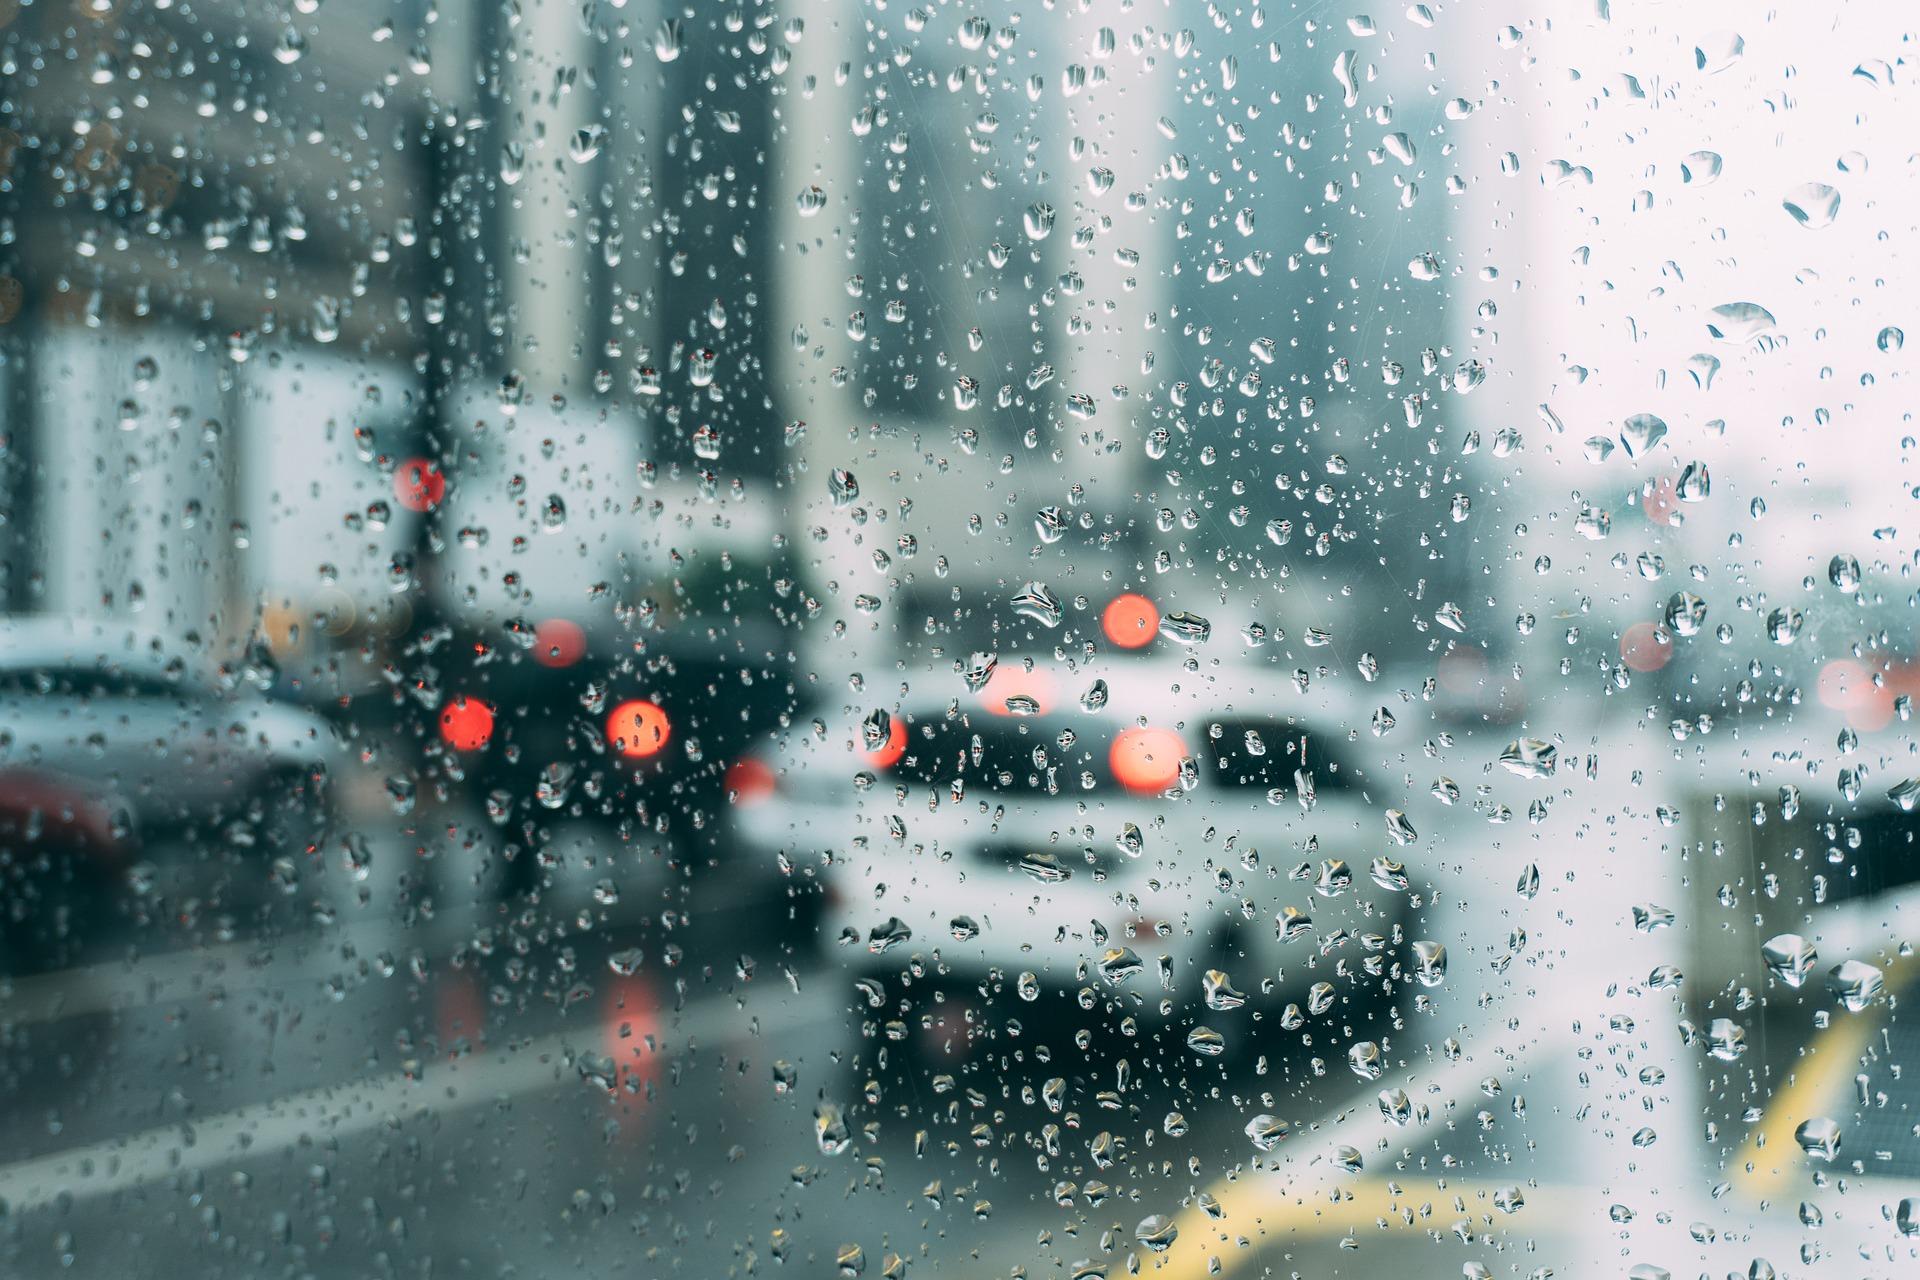 Meteorologii fac anunțul! Octombrie va fi o lună cu temperaturi extreme în România